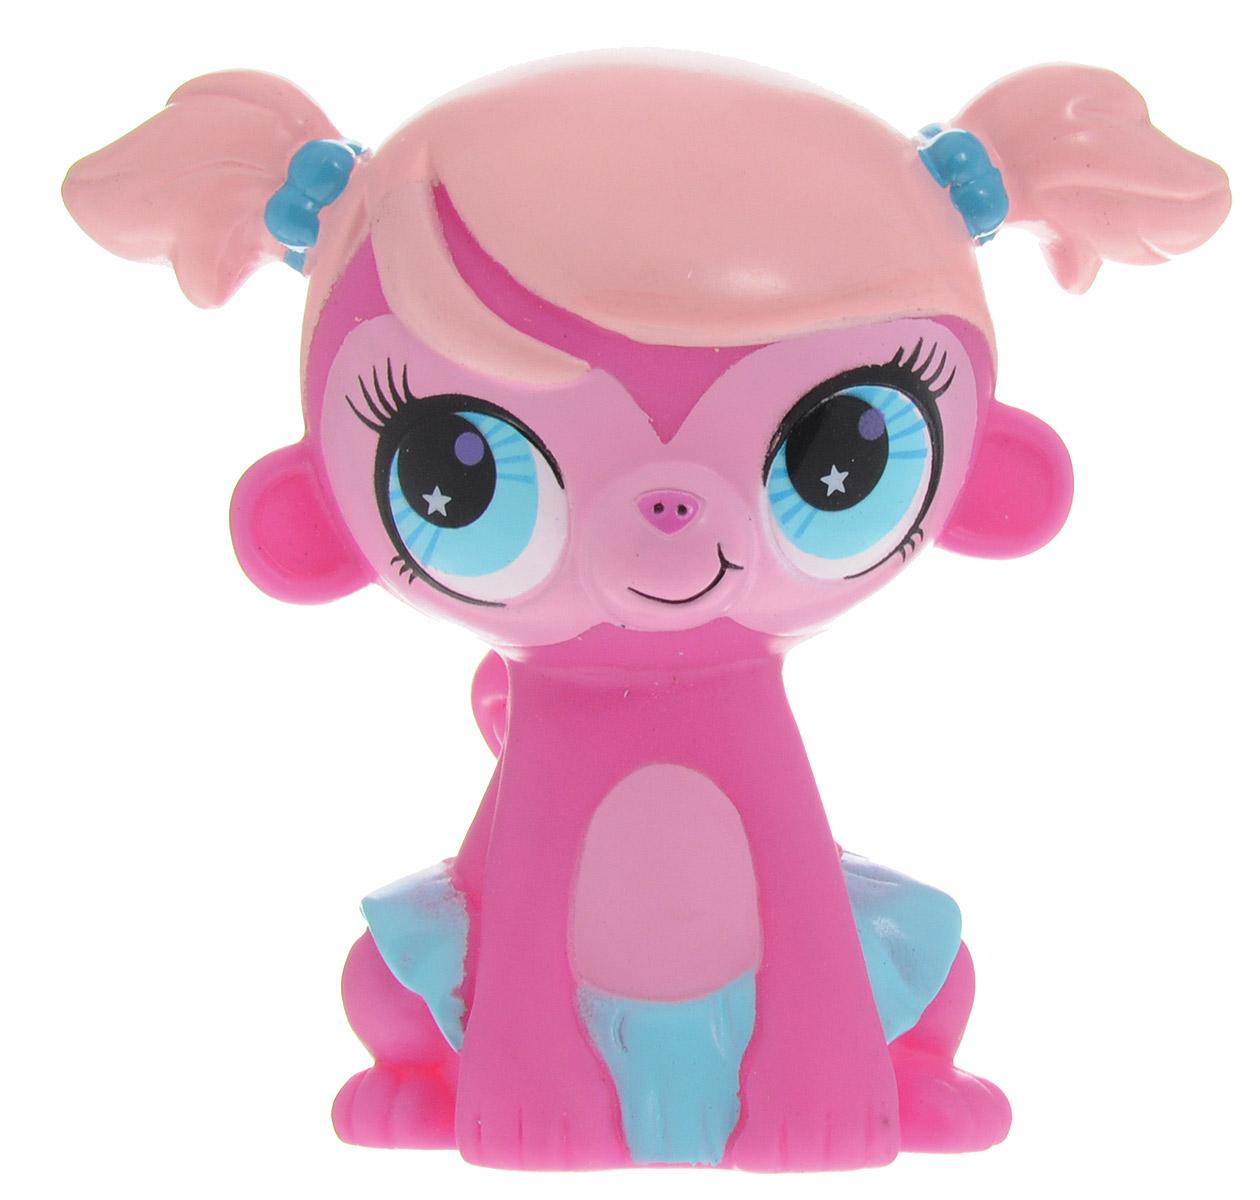 Играем вместе Фигурка для ванной Littlest Рet Shop Обезьянка44R_обезьянаФигурка для ванной Играем вместе Littlest Рet Shop: Обезьянка понравится вашему малышу и развлечет его во время купания. Она выполнена из безопасного материала в виде героя мультфильма Маленький зоомагазин. Размер игрушки идеален для маленьких ручек малыша. Игрушка может брызгать водой и пищать. Игрушка для ванной способствует развитию воображения, цветового восприятия, тактильных ощущений и мелкой моторики рук.